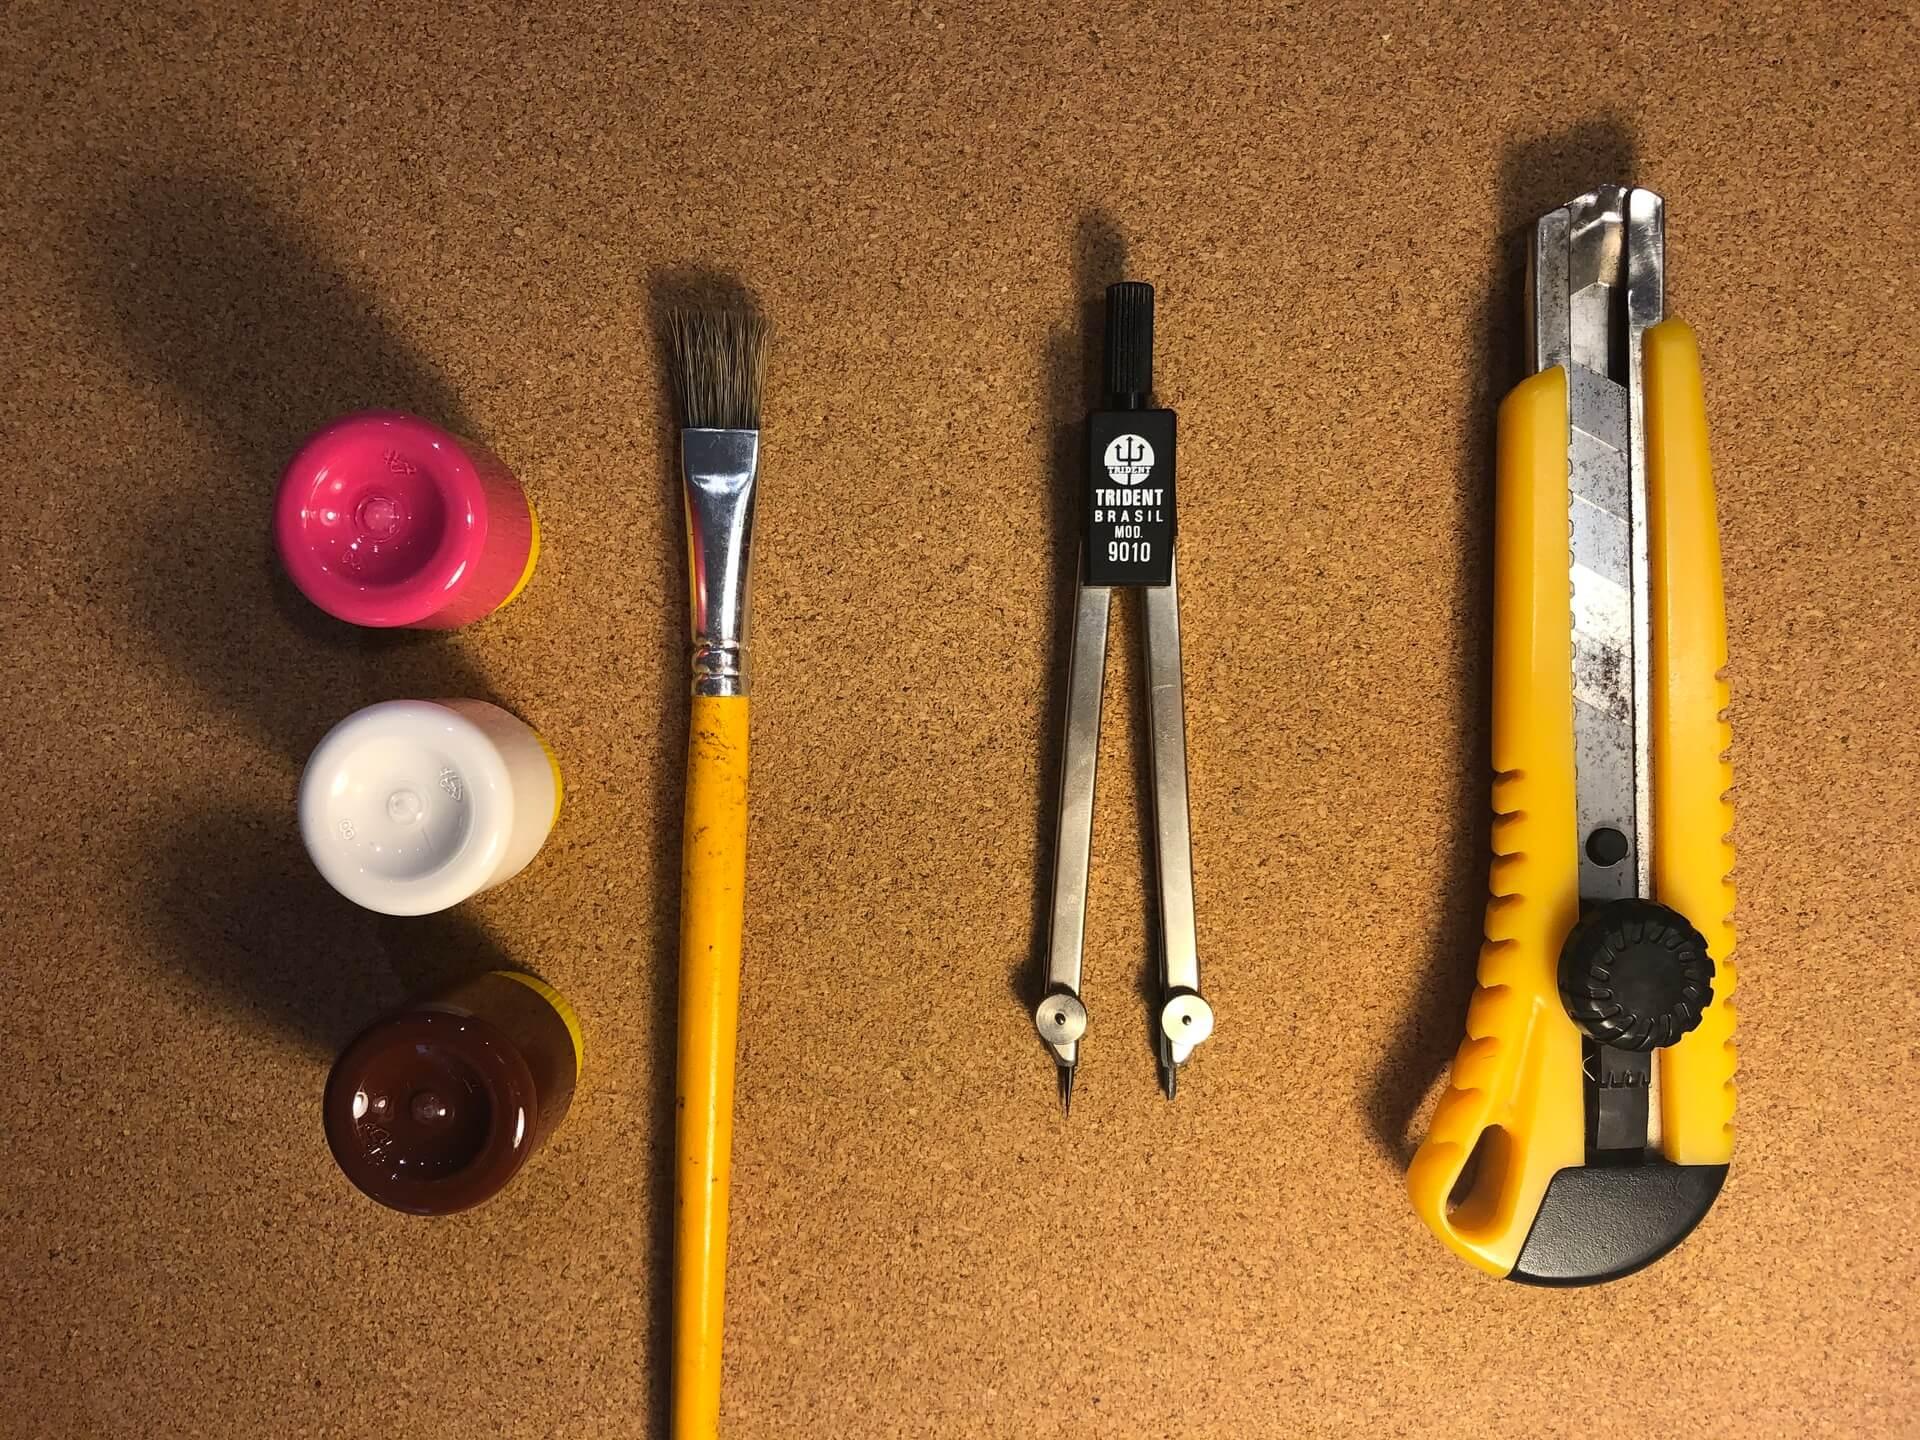 Imagem: Para produzir essas bolachas, é necessário: pedaços de cortiça 5mm, tinta PVA, pincel, régua, compasso, estilete e lápis ou caneta para marcação. Foto: Arquiteca Projetos.